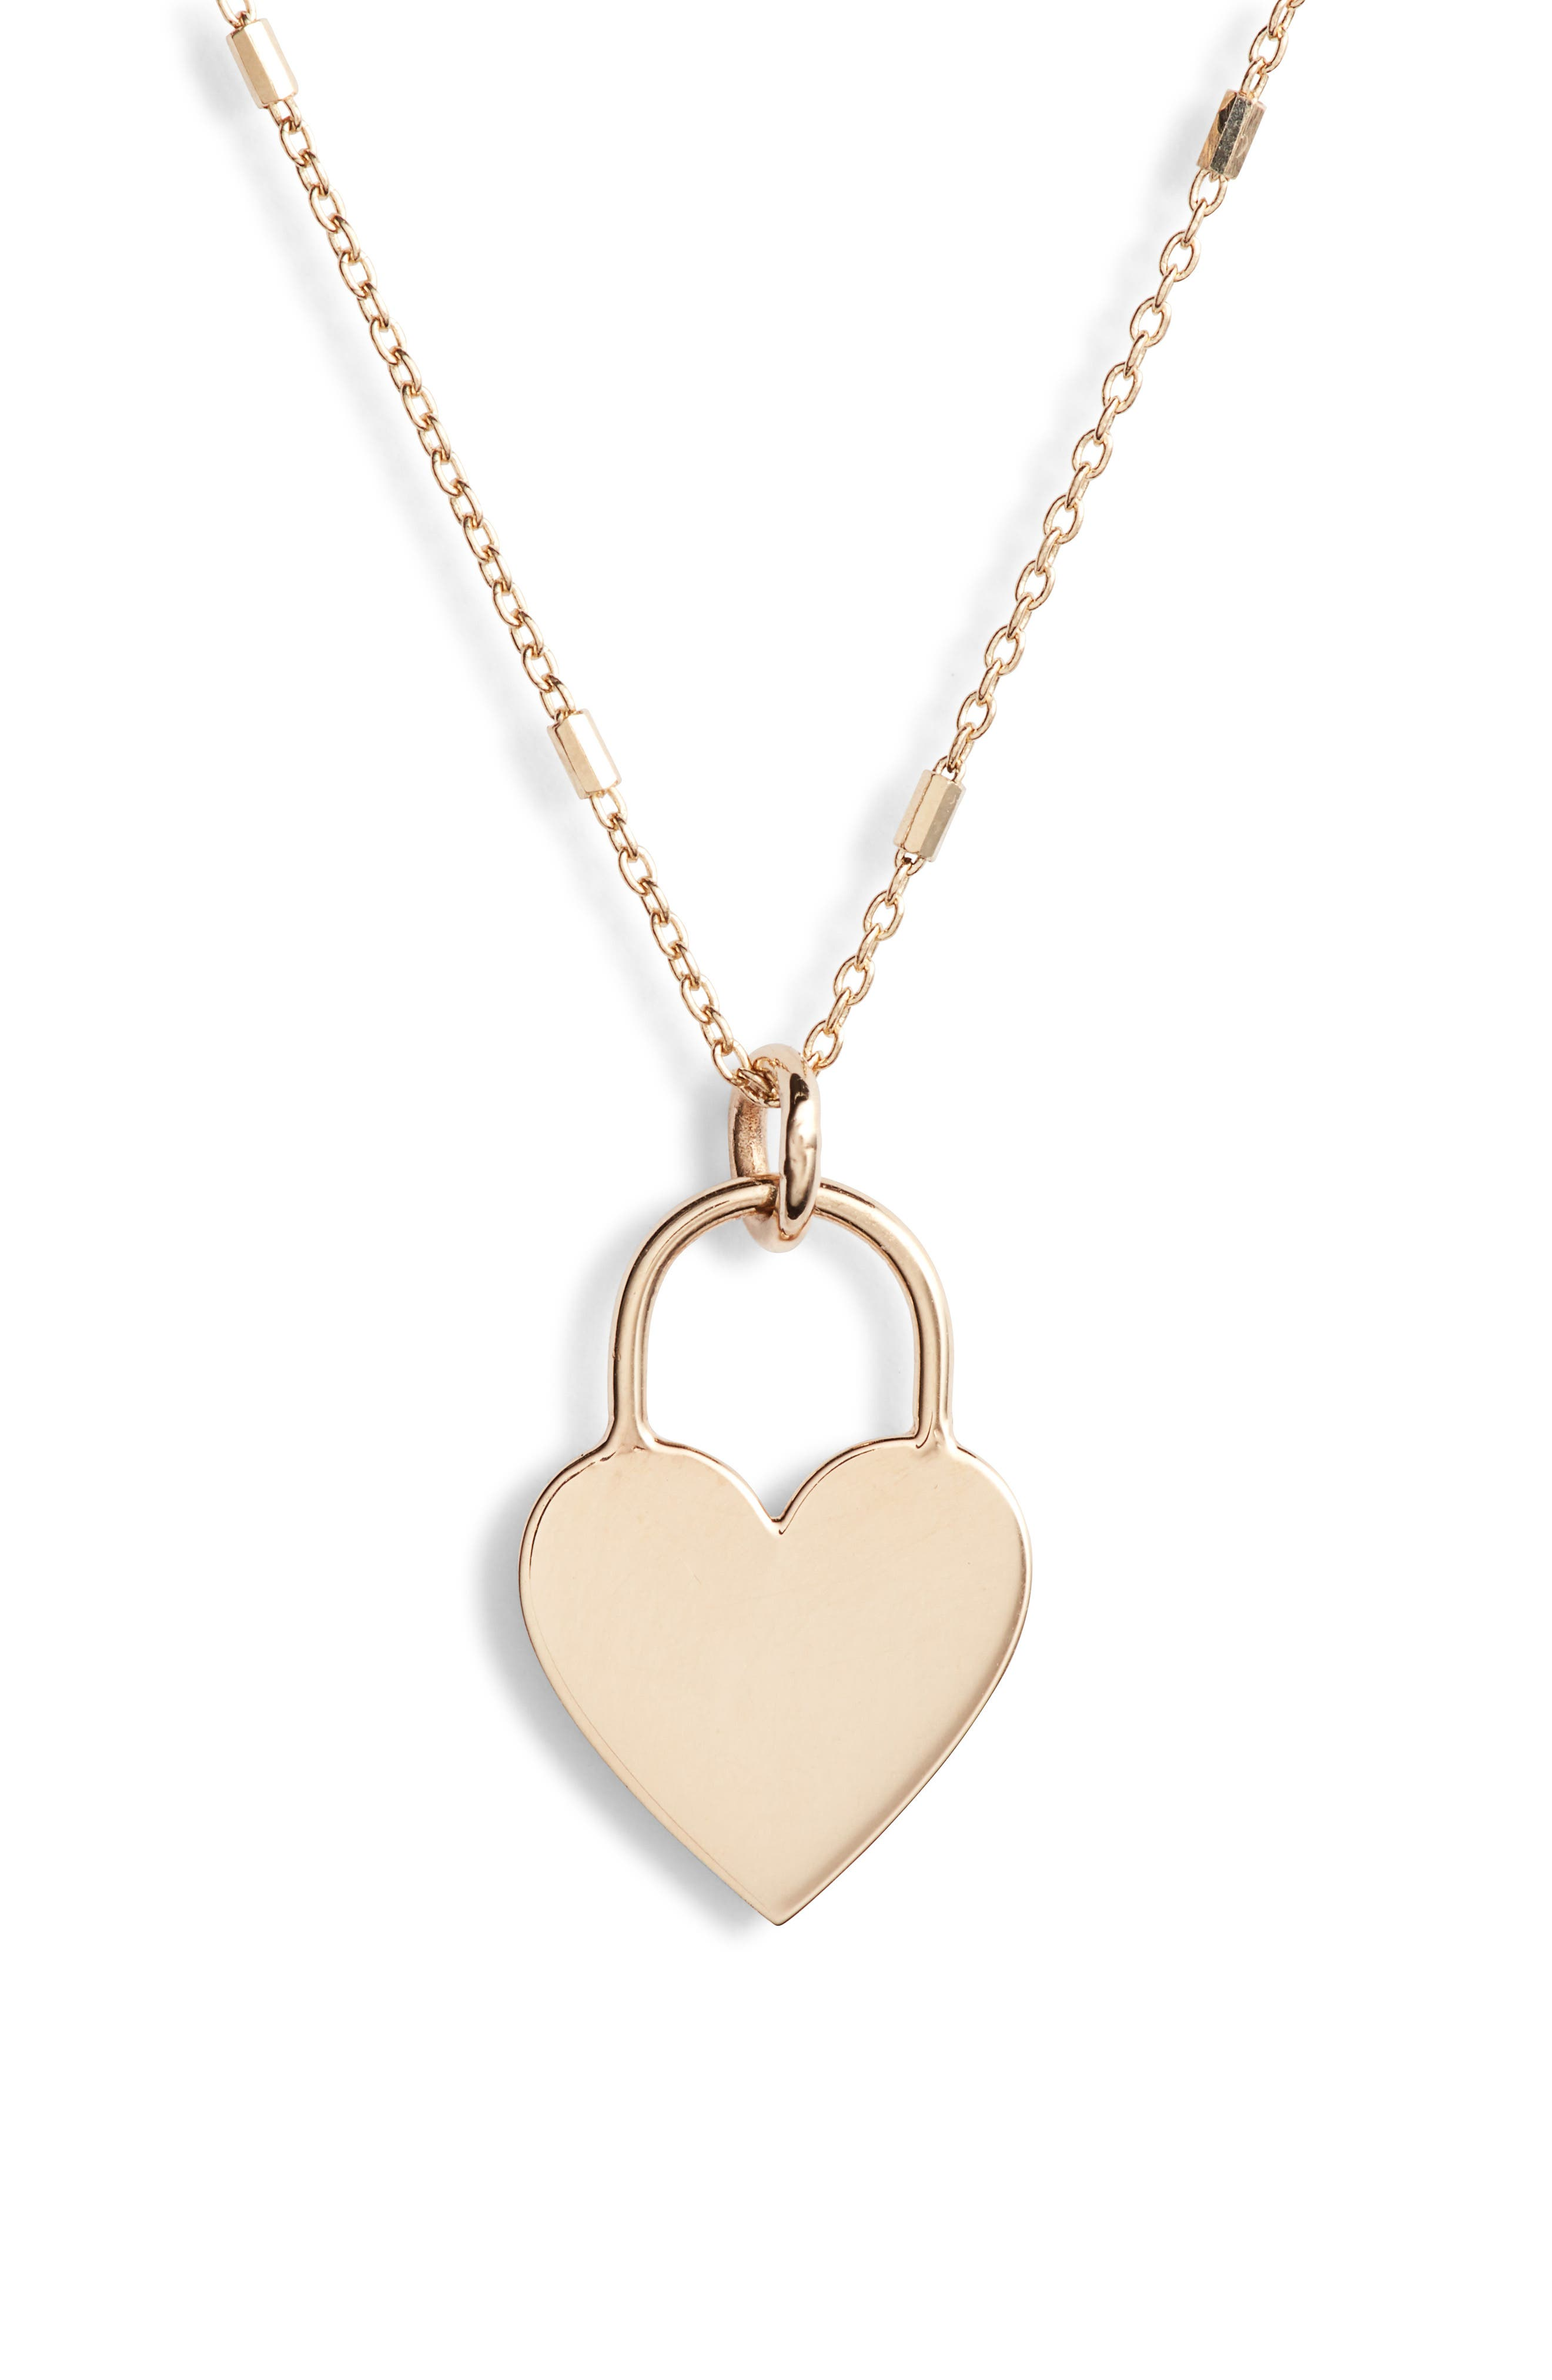 Zoe Chicco Small Heart Padlock Necklace